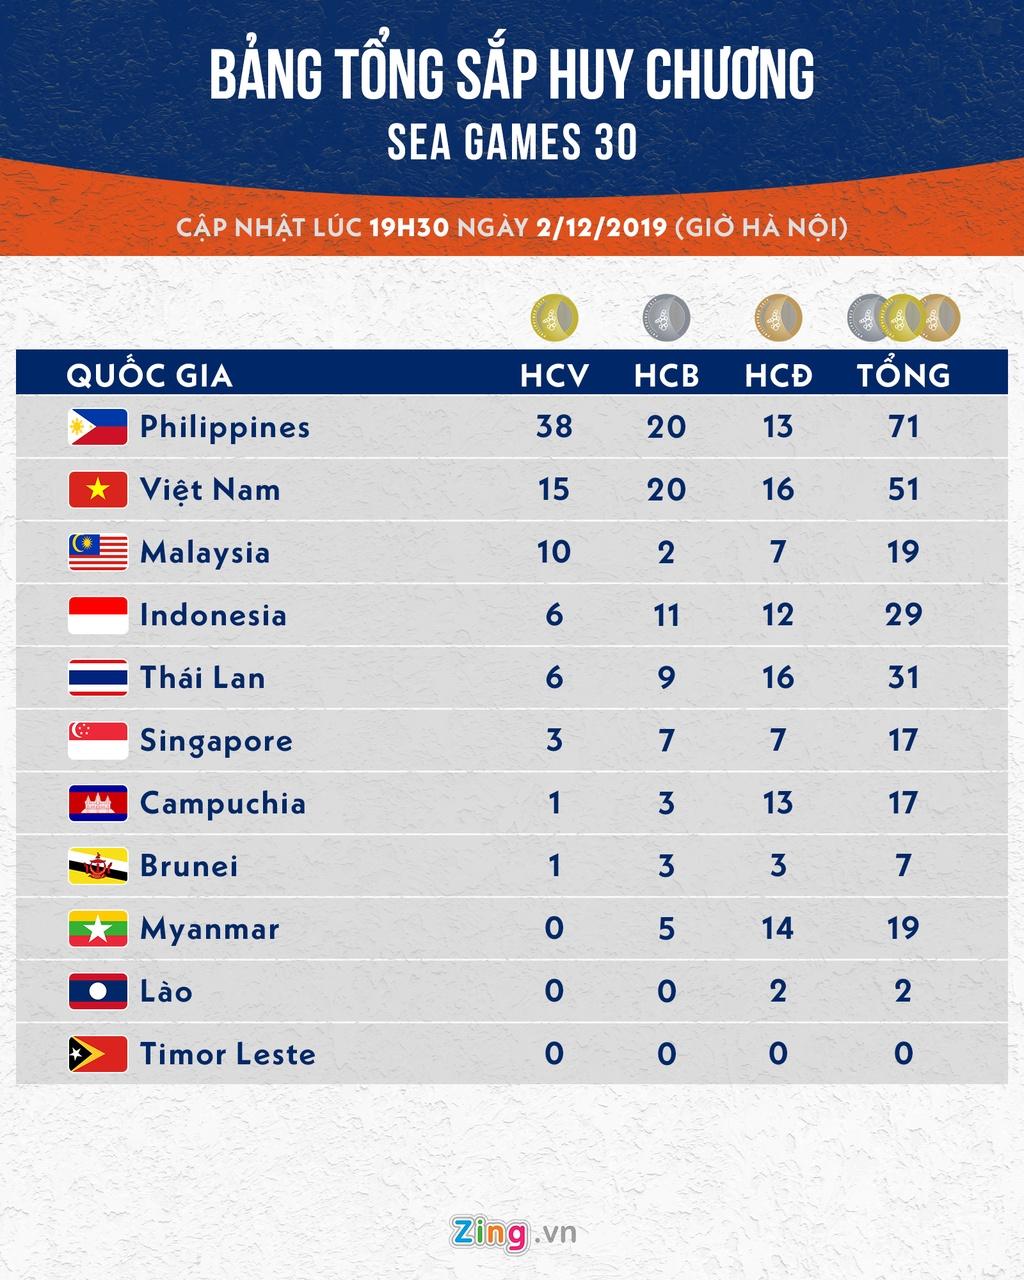 Bang tong sap huy chuong SEA Games 30: Viet Nam giu vi tri thu 2 hinh anh 1